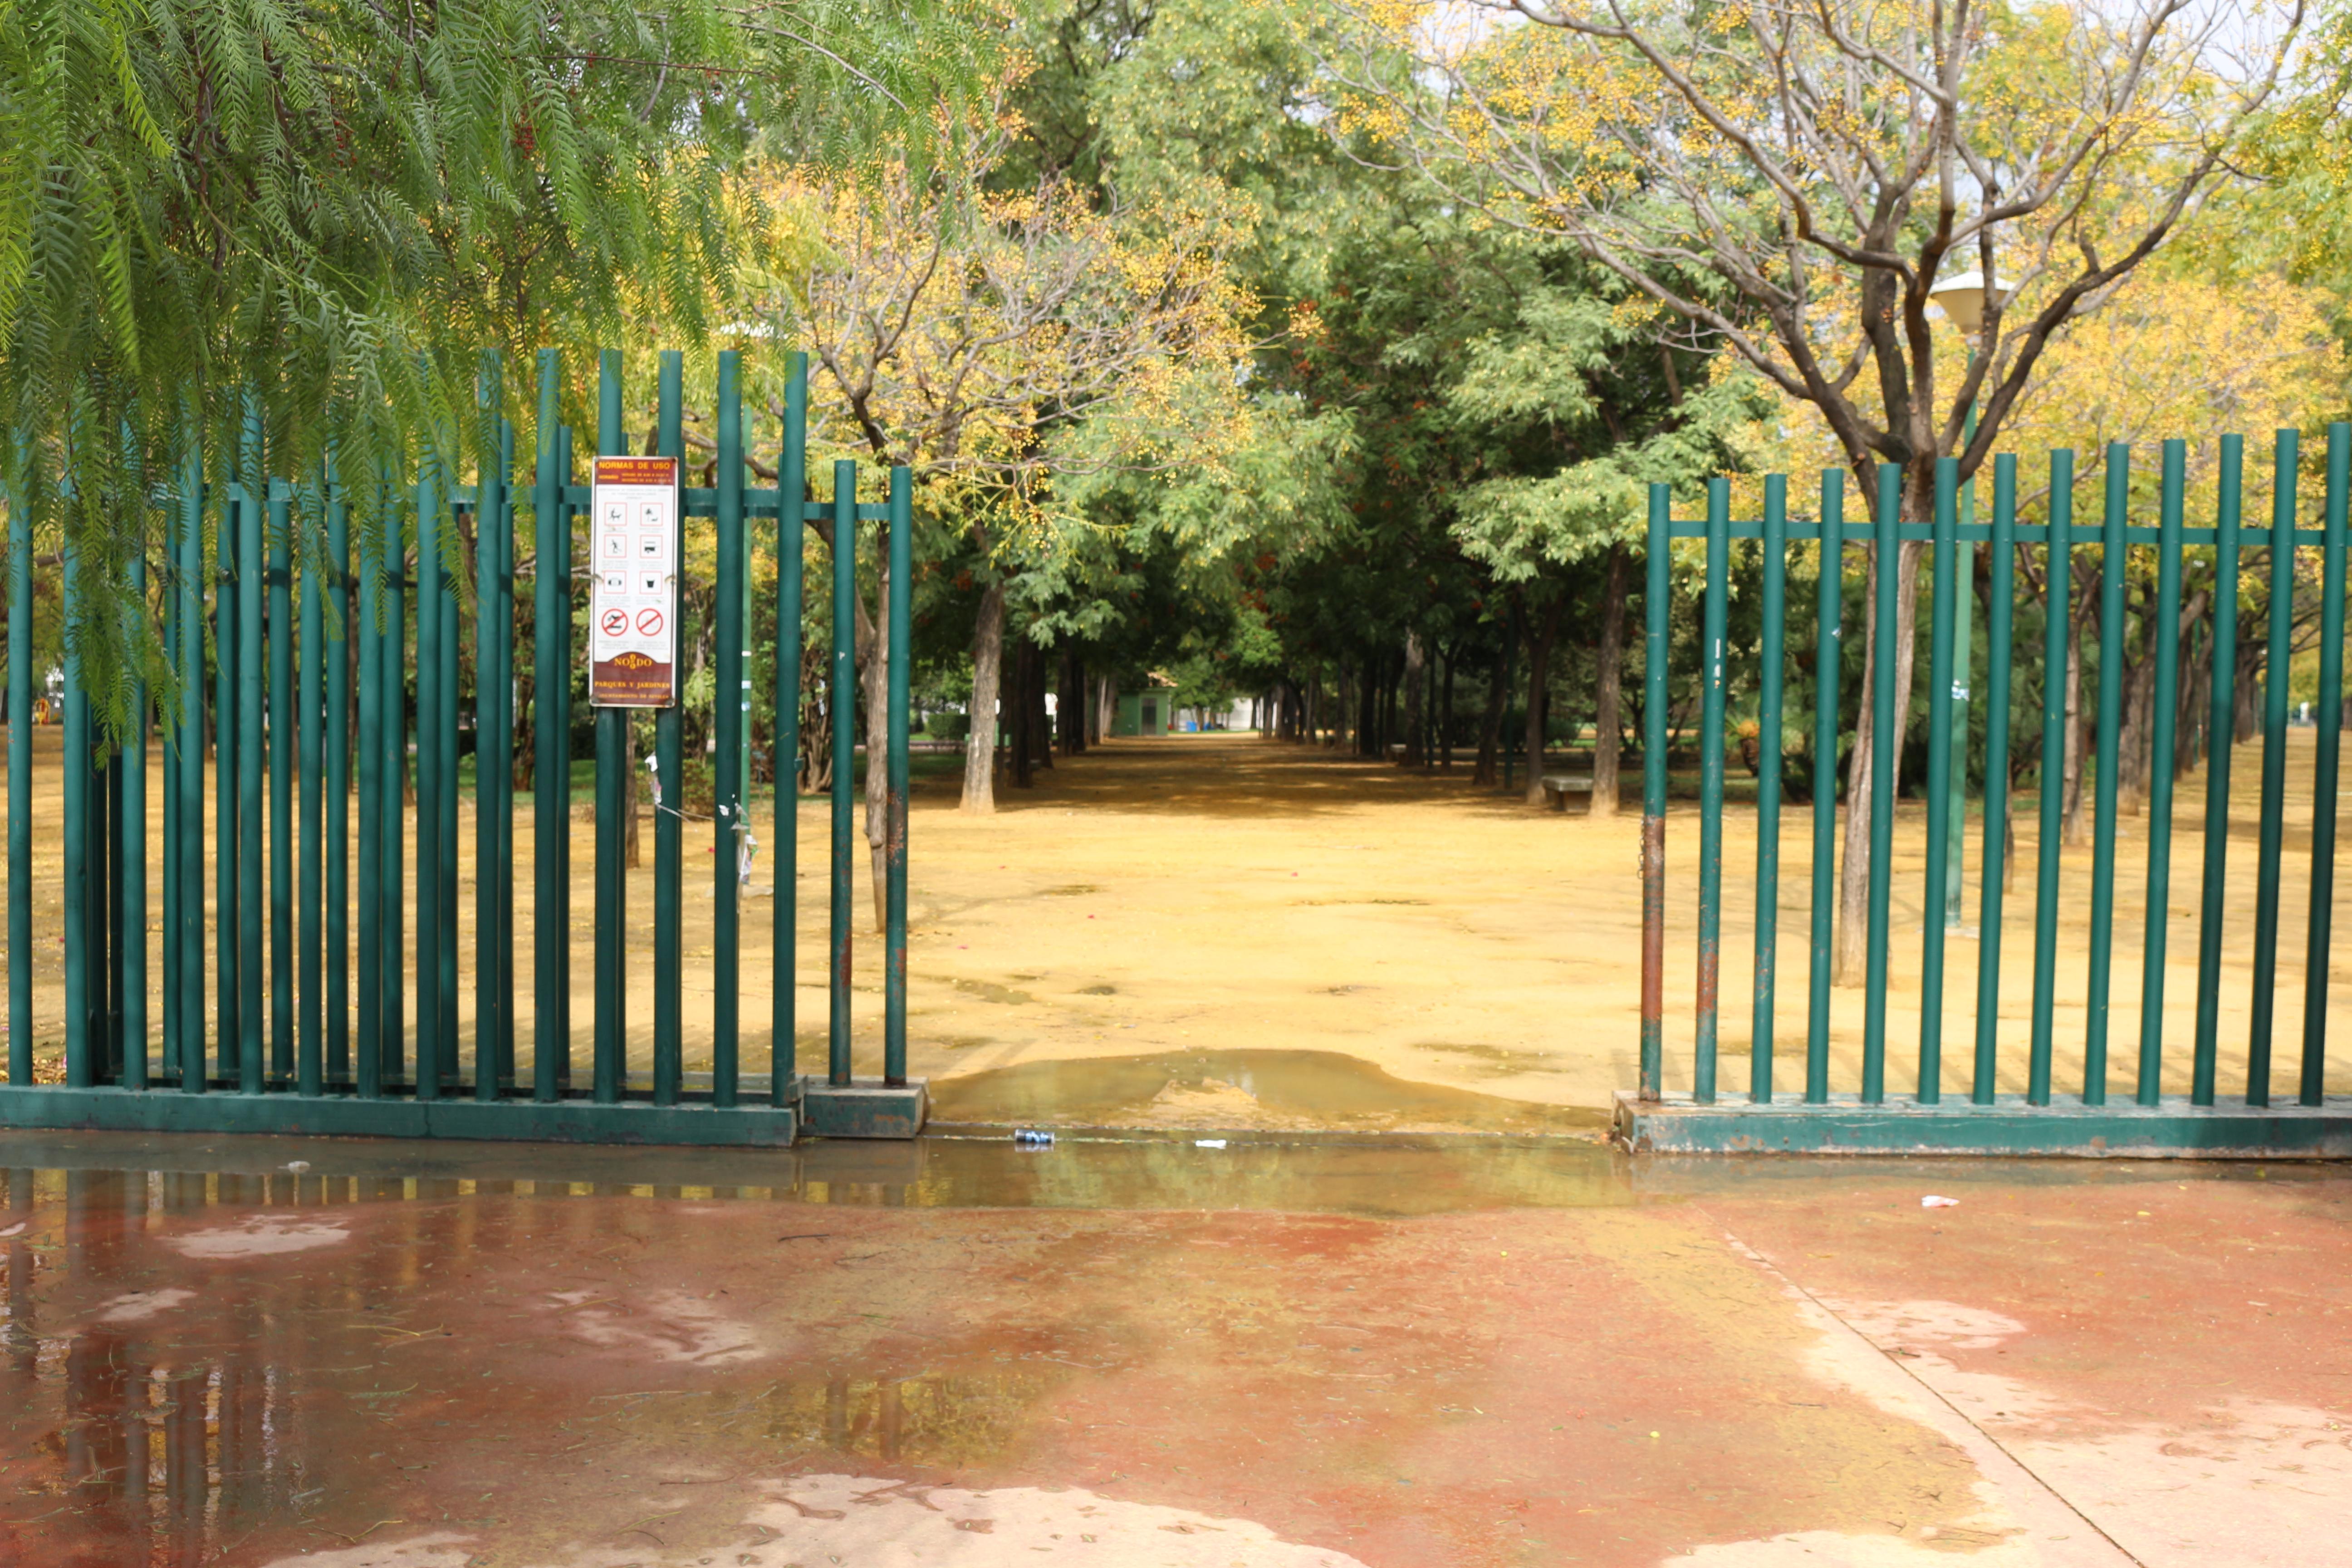 Imagen 1. Acceso sur del parque. Fuente: Elaboración propia.